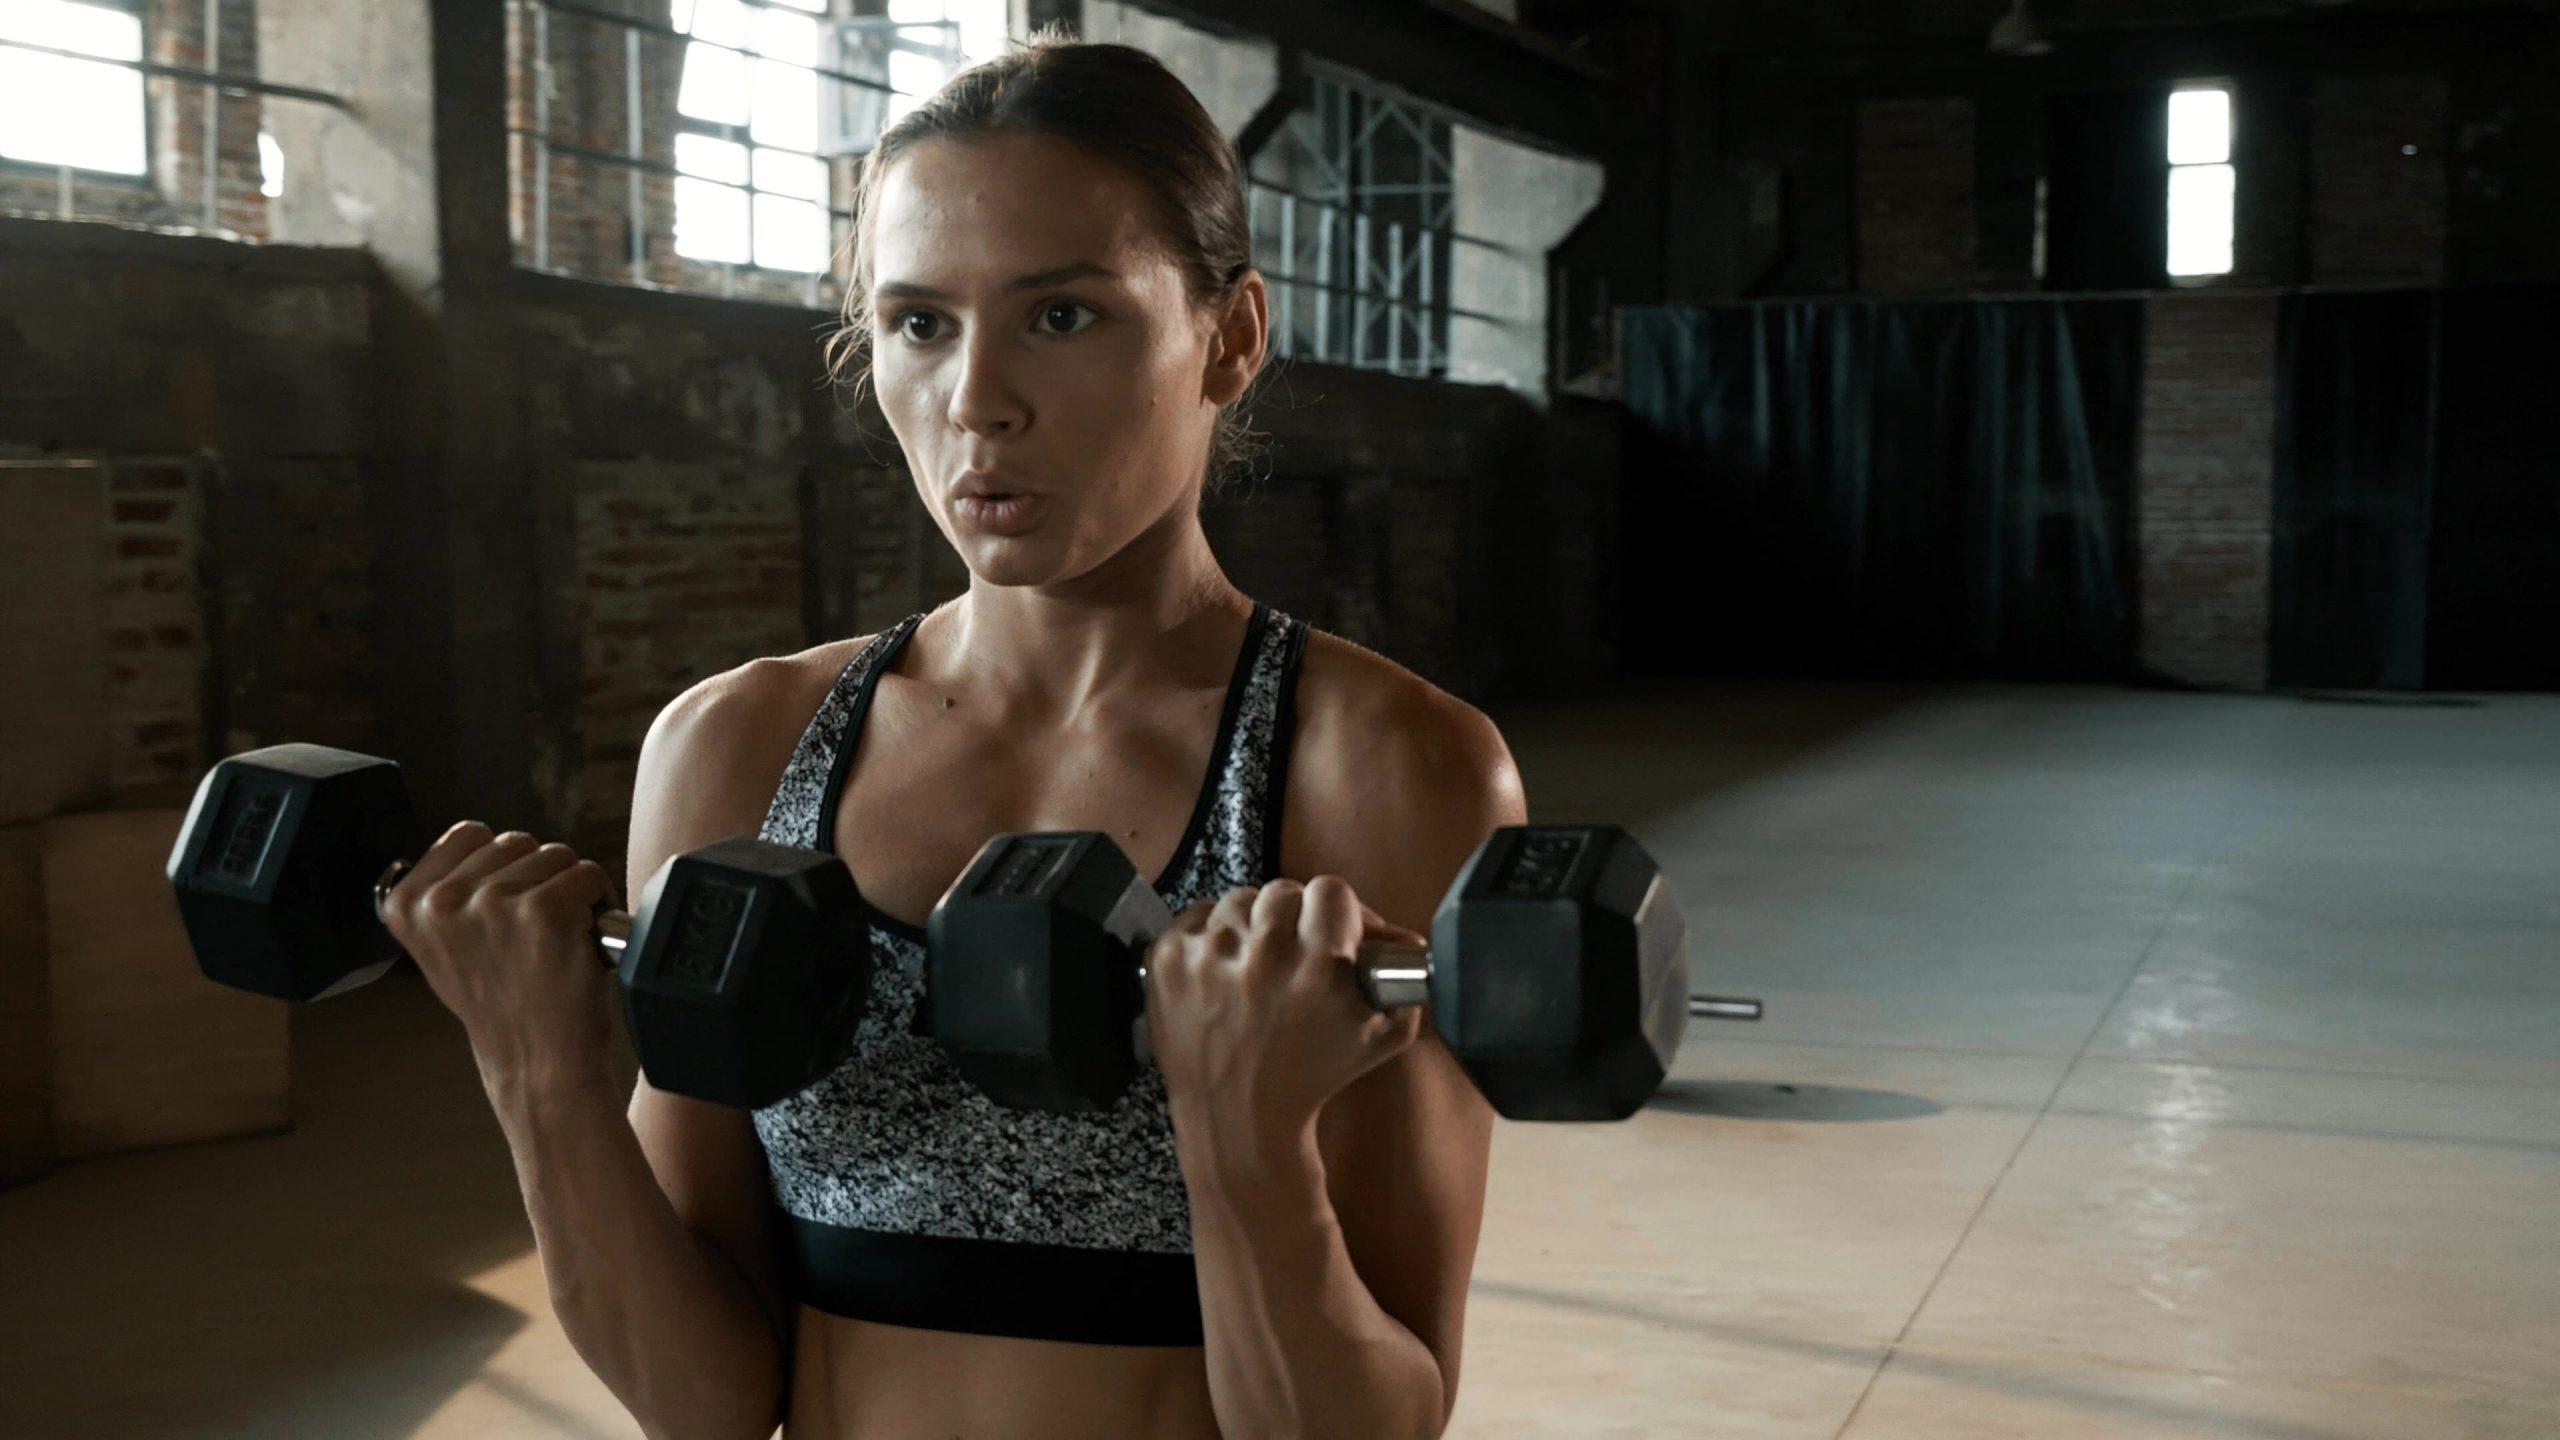 Biceps training exercise